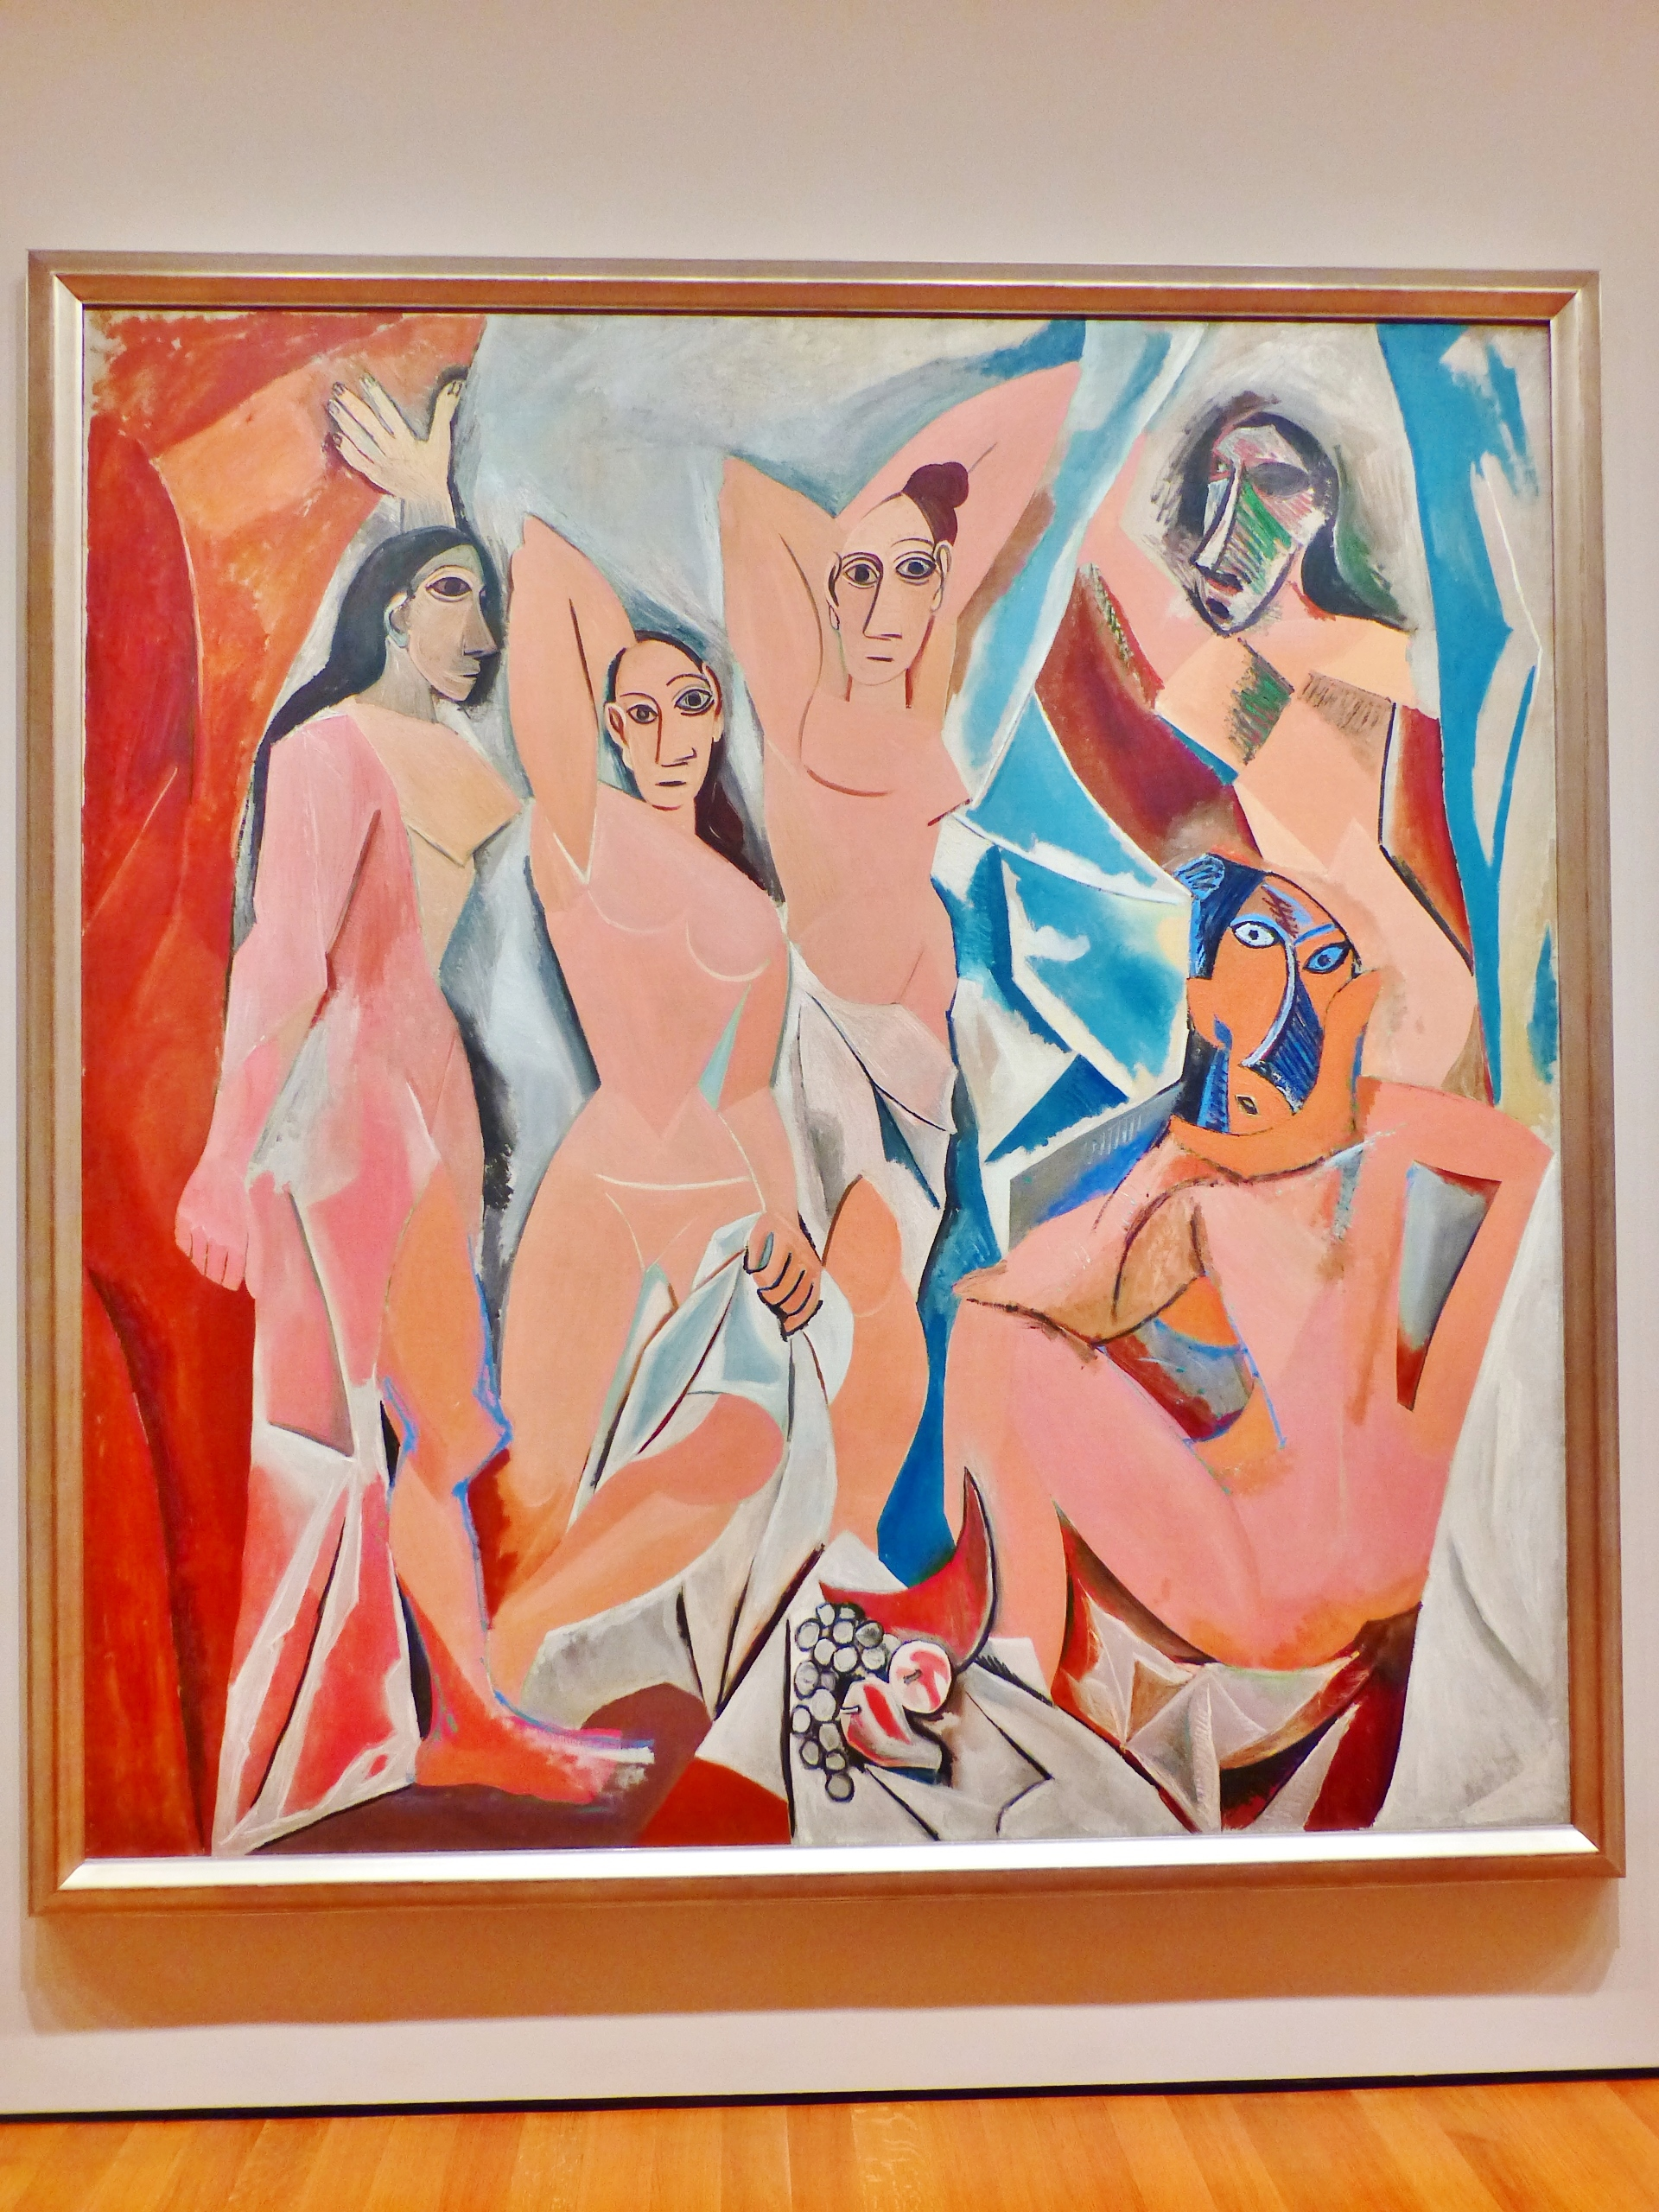 MoMA - Les Demoiselles d'Avignon, Picasso